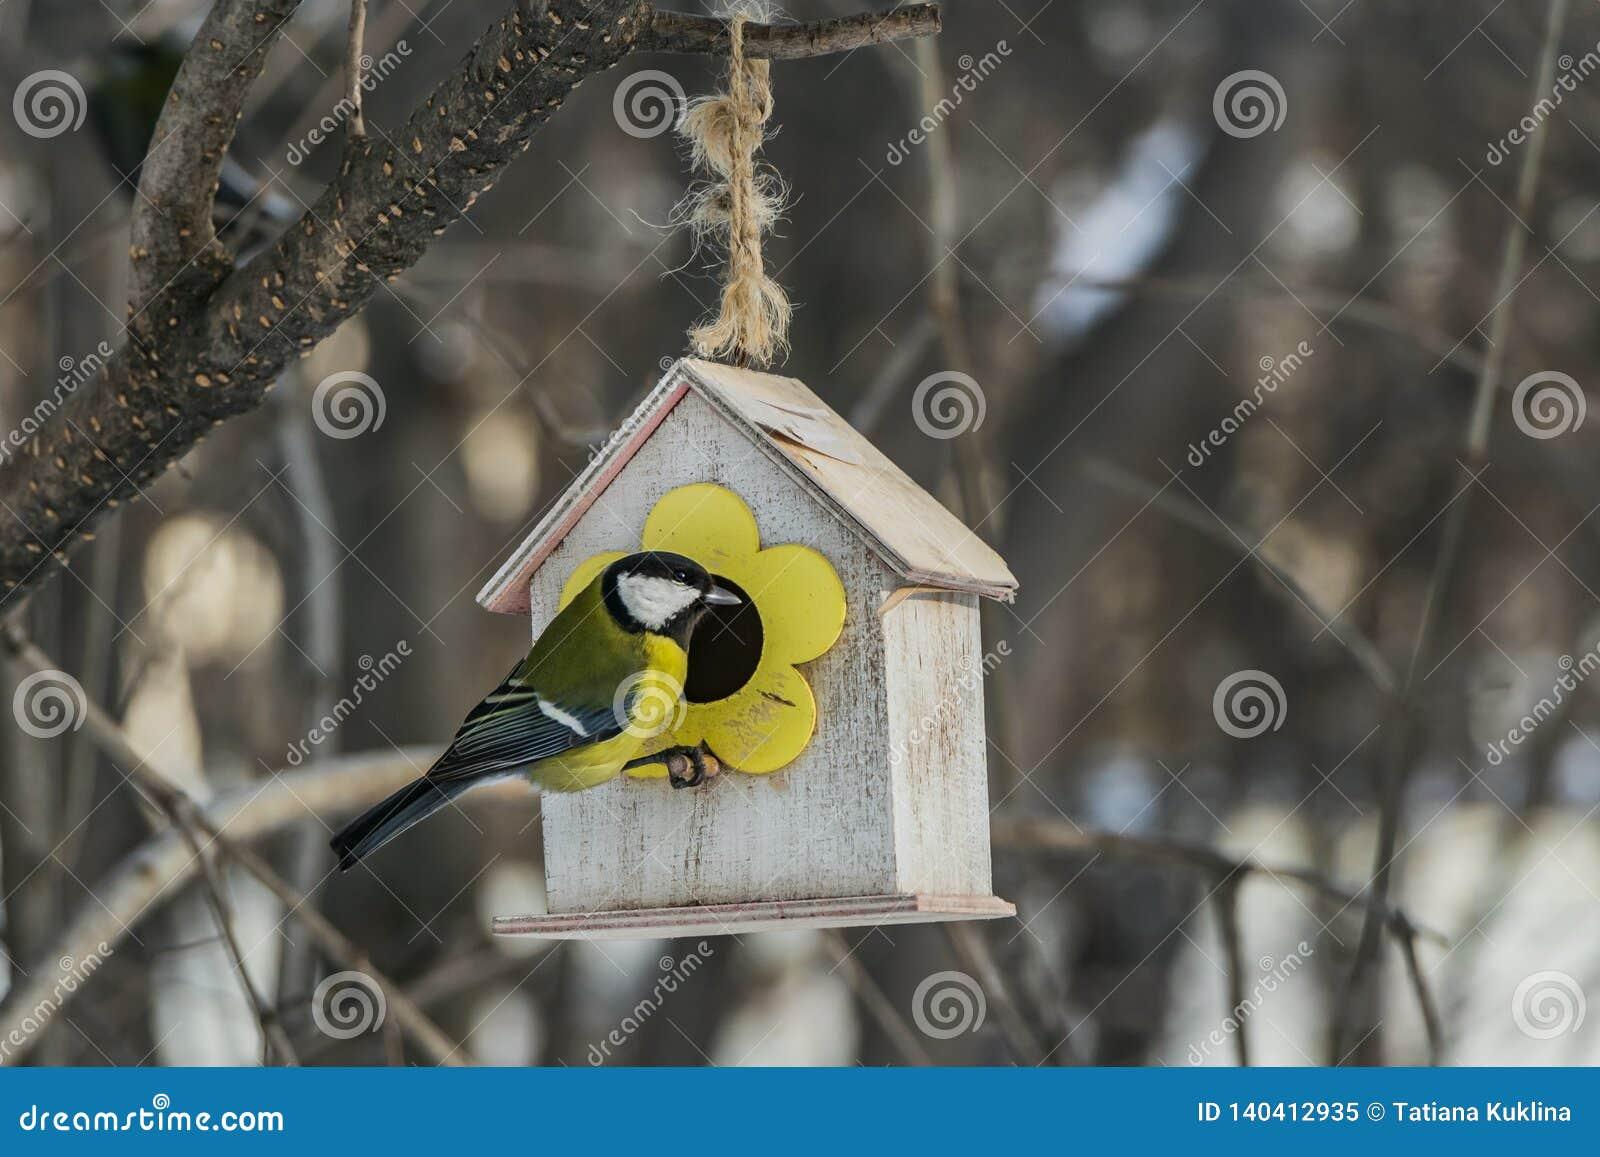 Een kleine gele mees zit op een geel vogel en eekhoornvoederhuis van triplex in het park